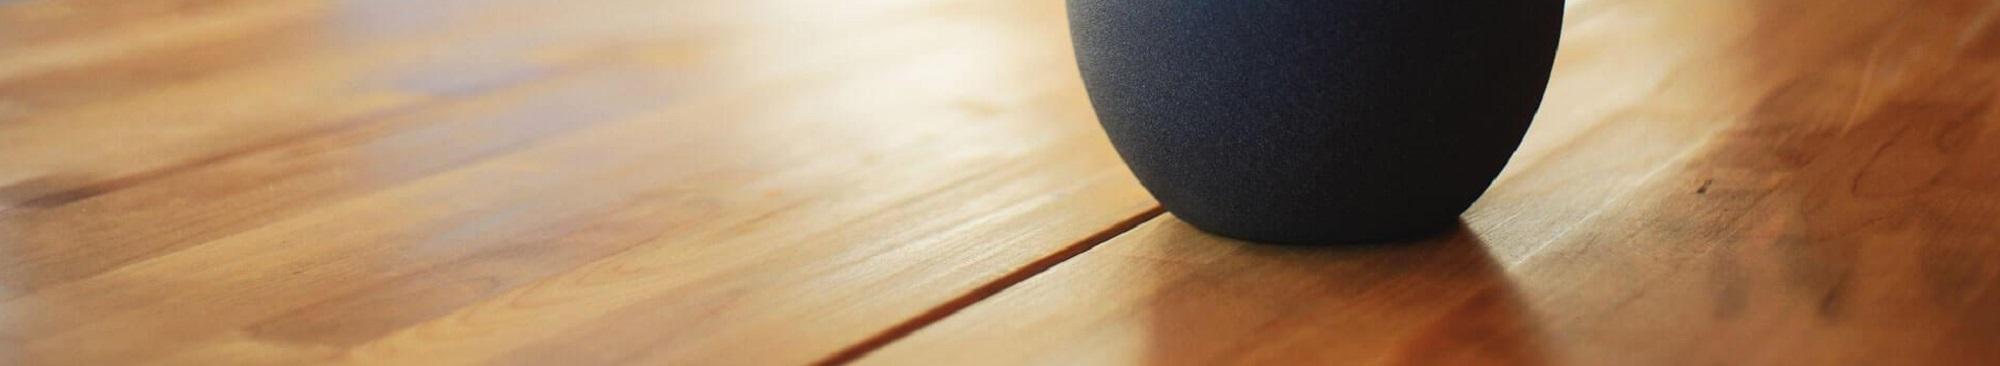 卓球99レビュー|卓球用品の口コミ・評価サイト